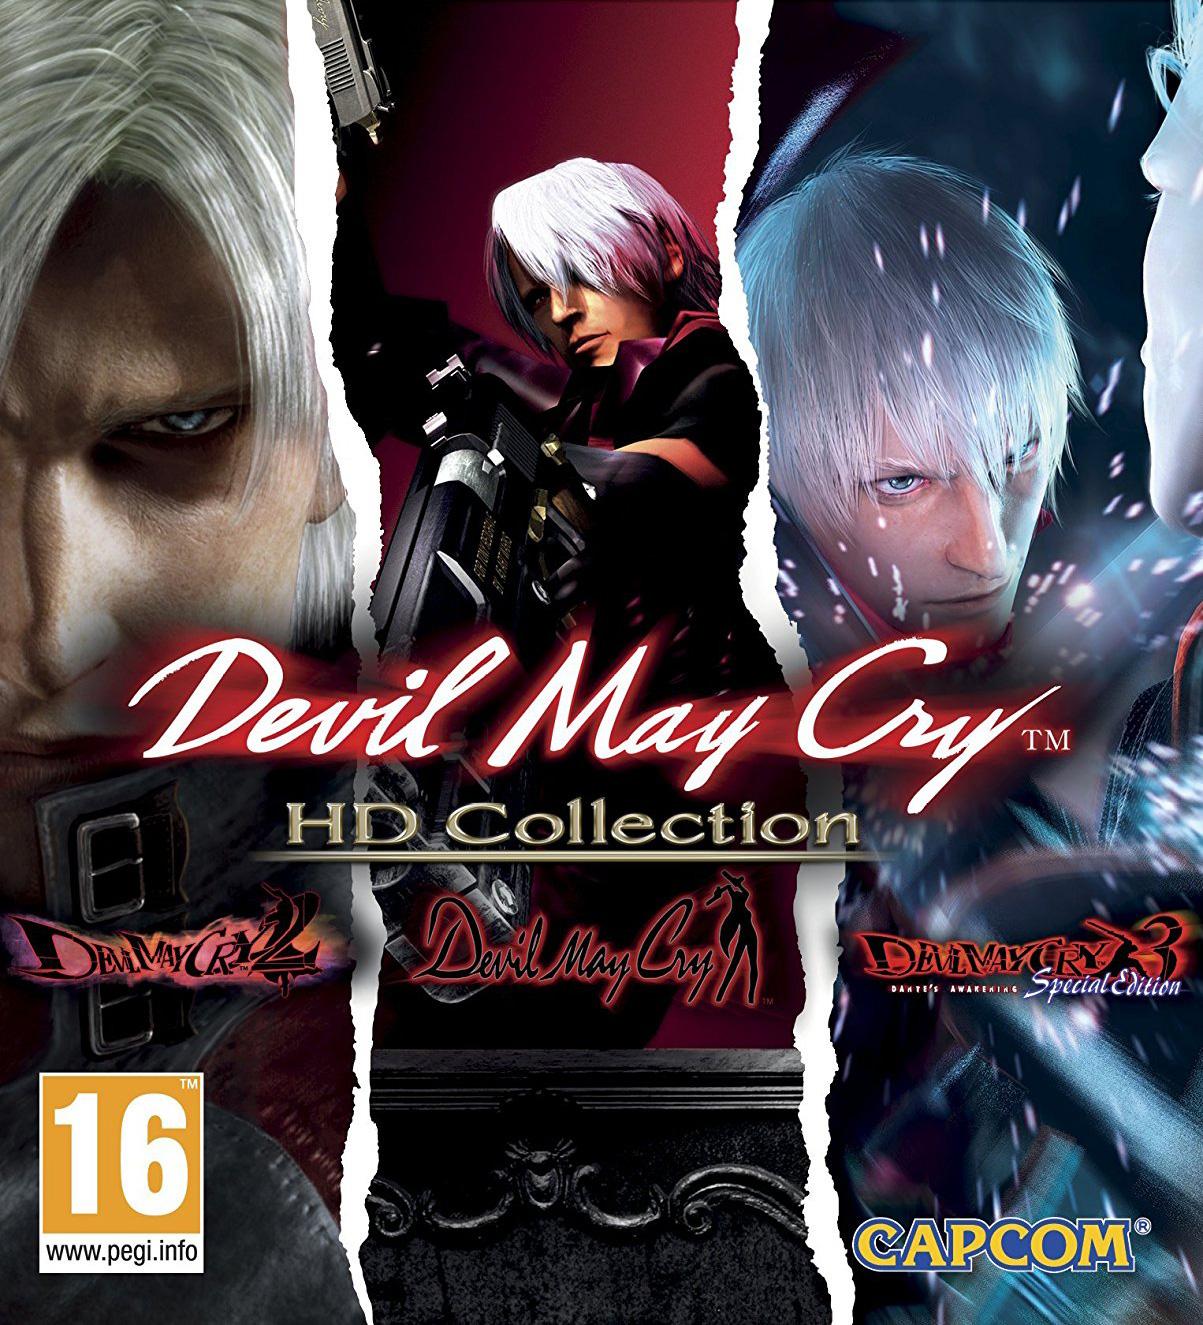 تحمبل لعبة القتال Devil May Cry HD Collection PC